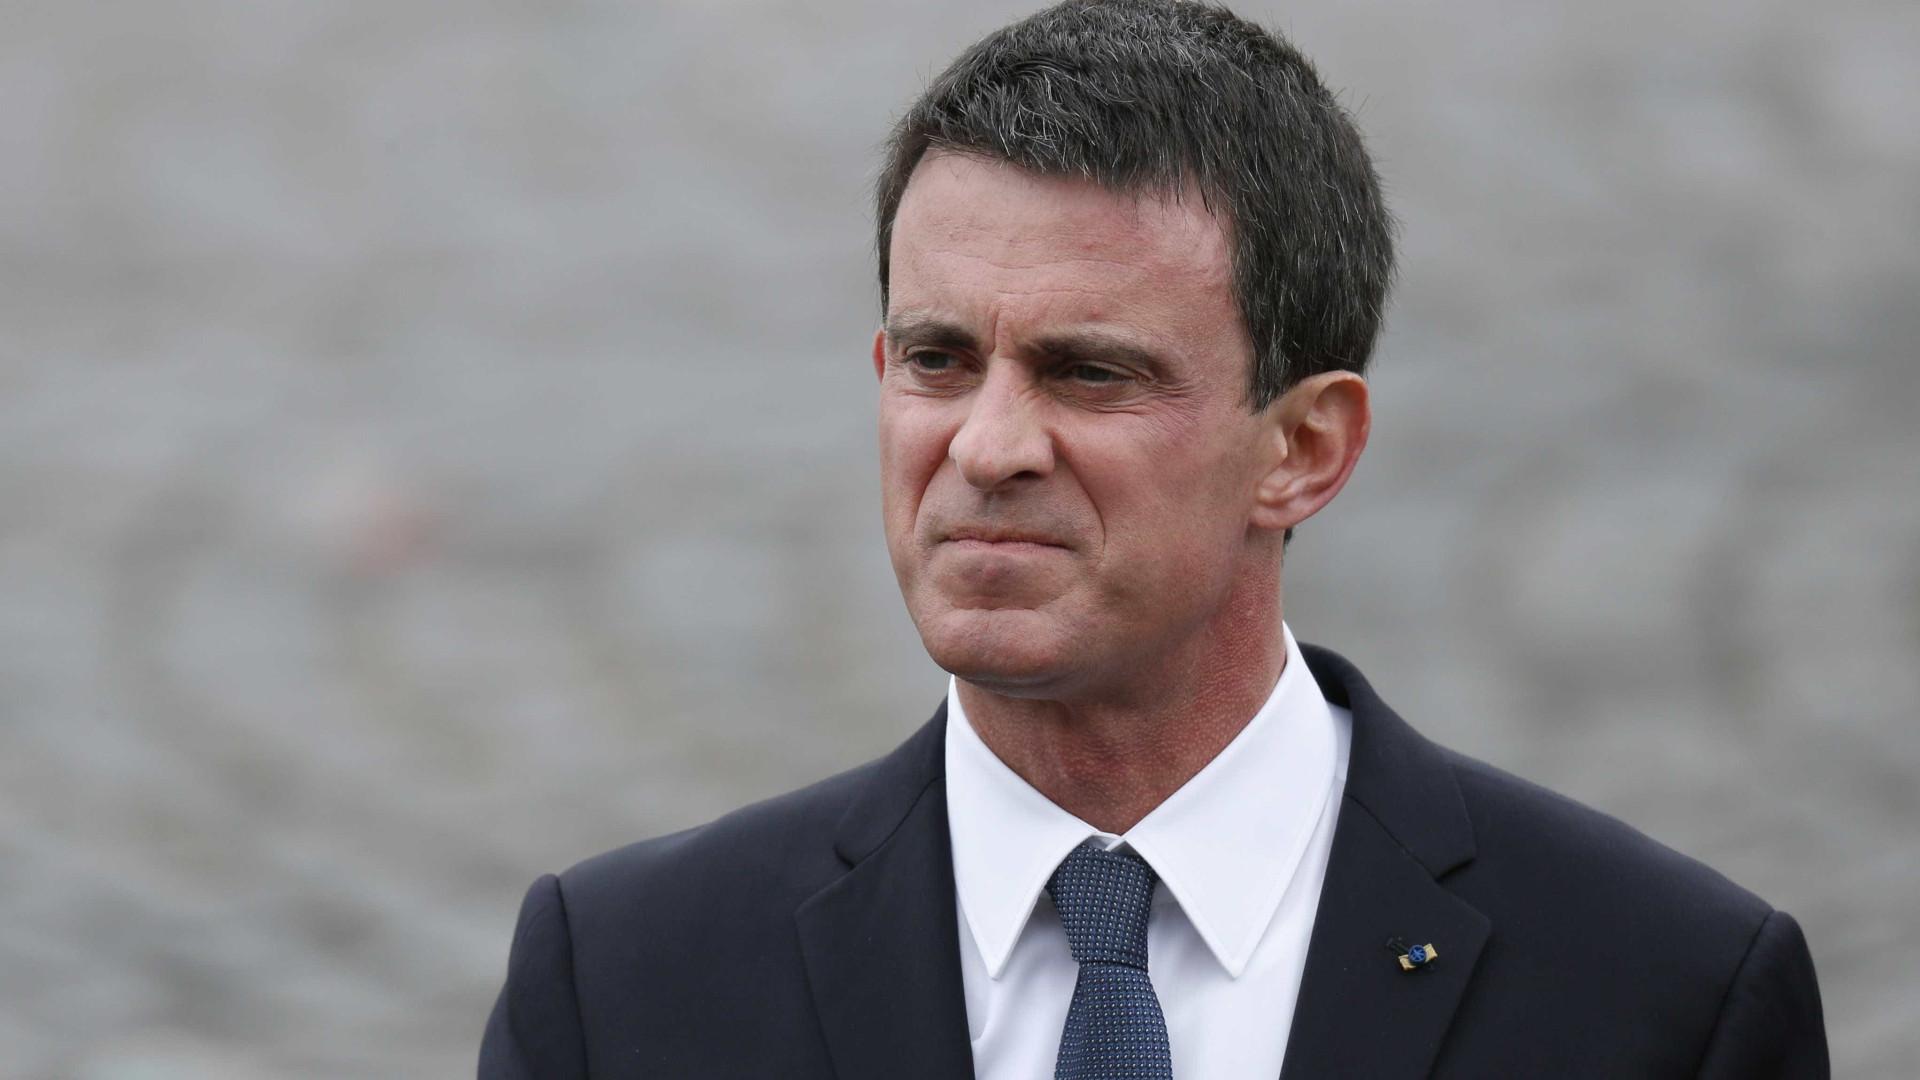 Português preso por incomodar ex-primeiro-ministro francês em restaurante